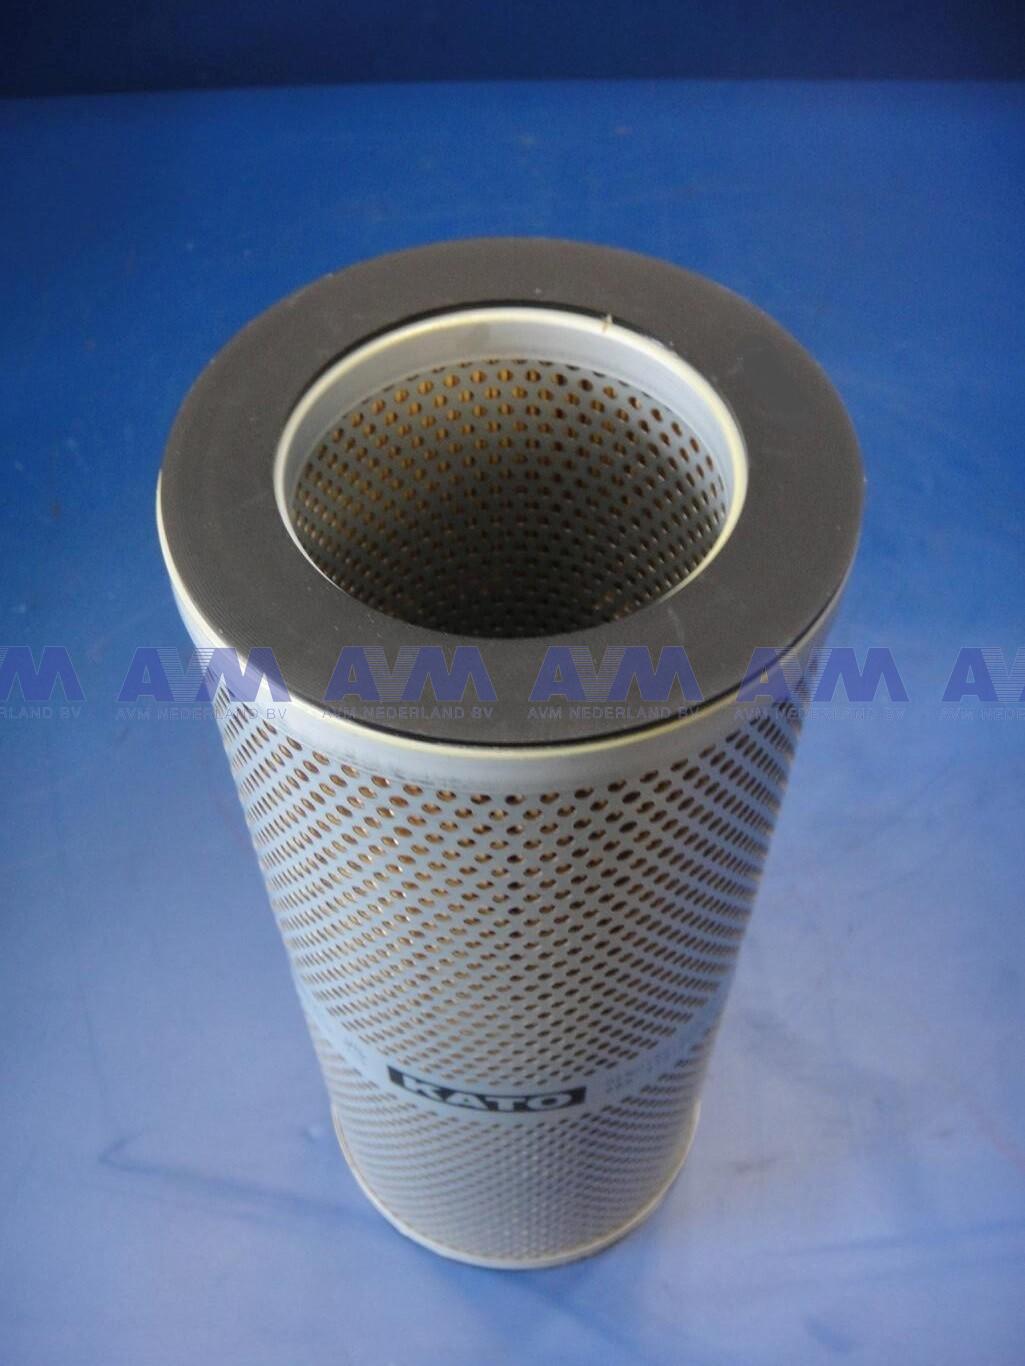 Hydroliekfilter 689-37310020 KATO